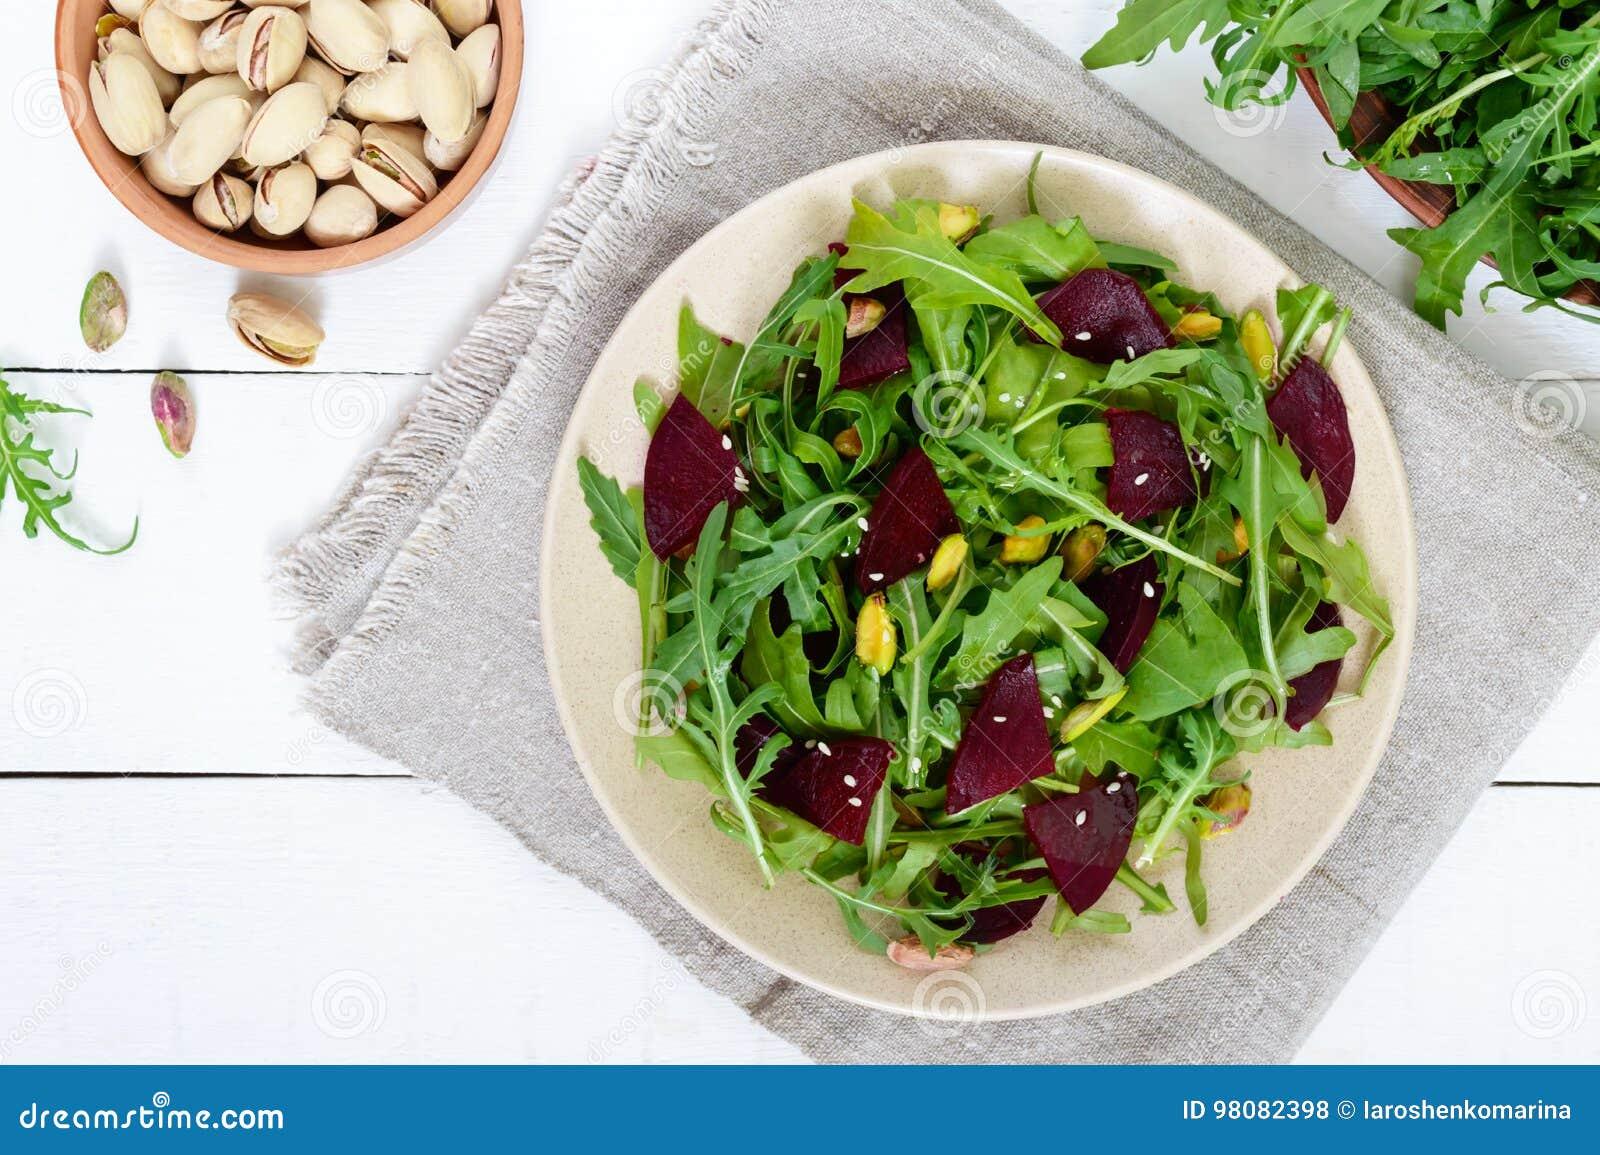 Insalata piccante del vegano delle barbabietole, rucola, pistacchi su un piatto su un fondo bianco